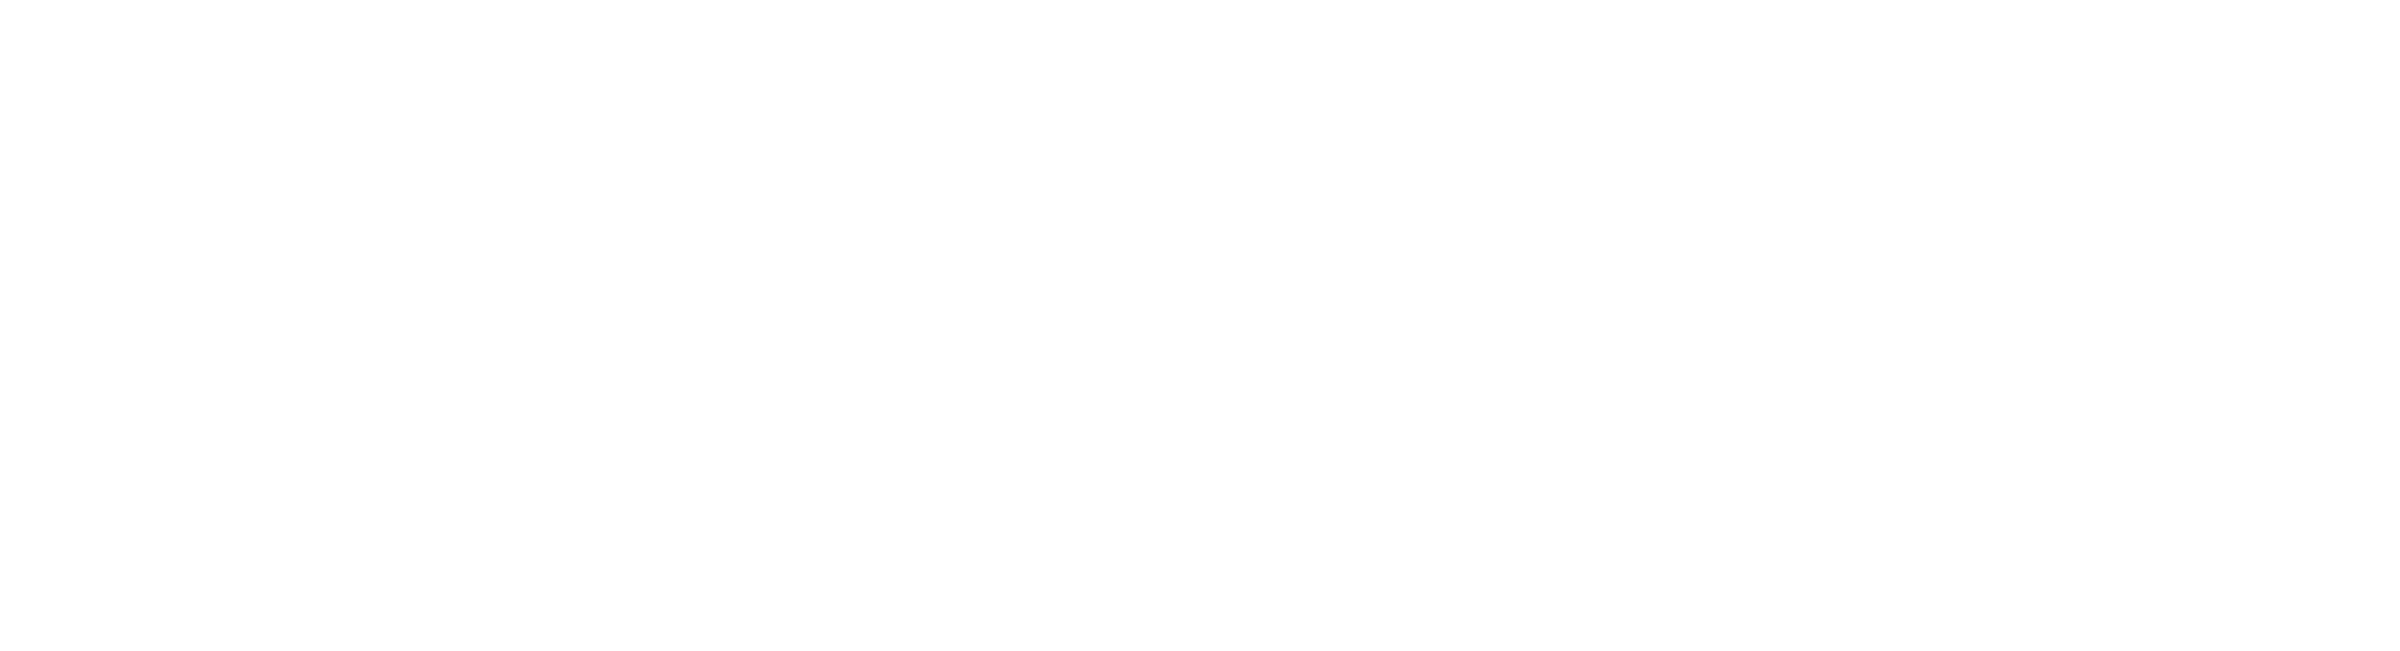 23rd-veteran-white-logo